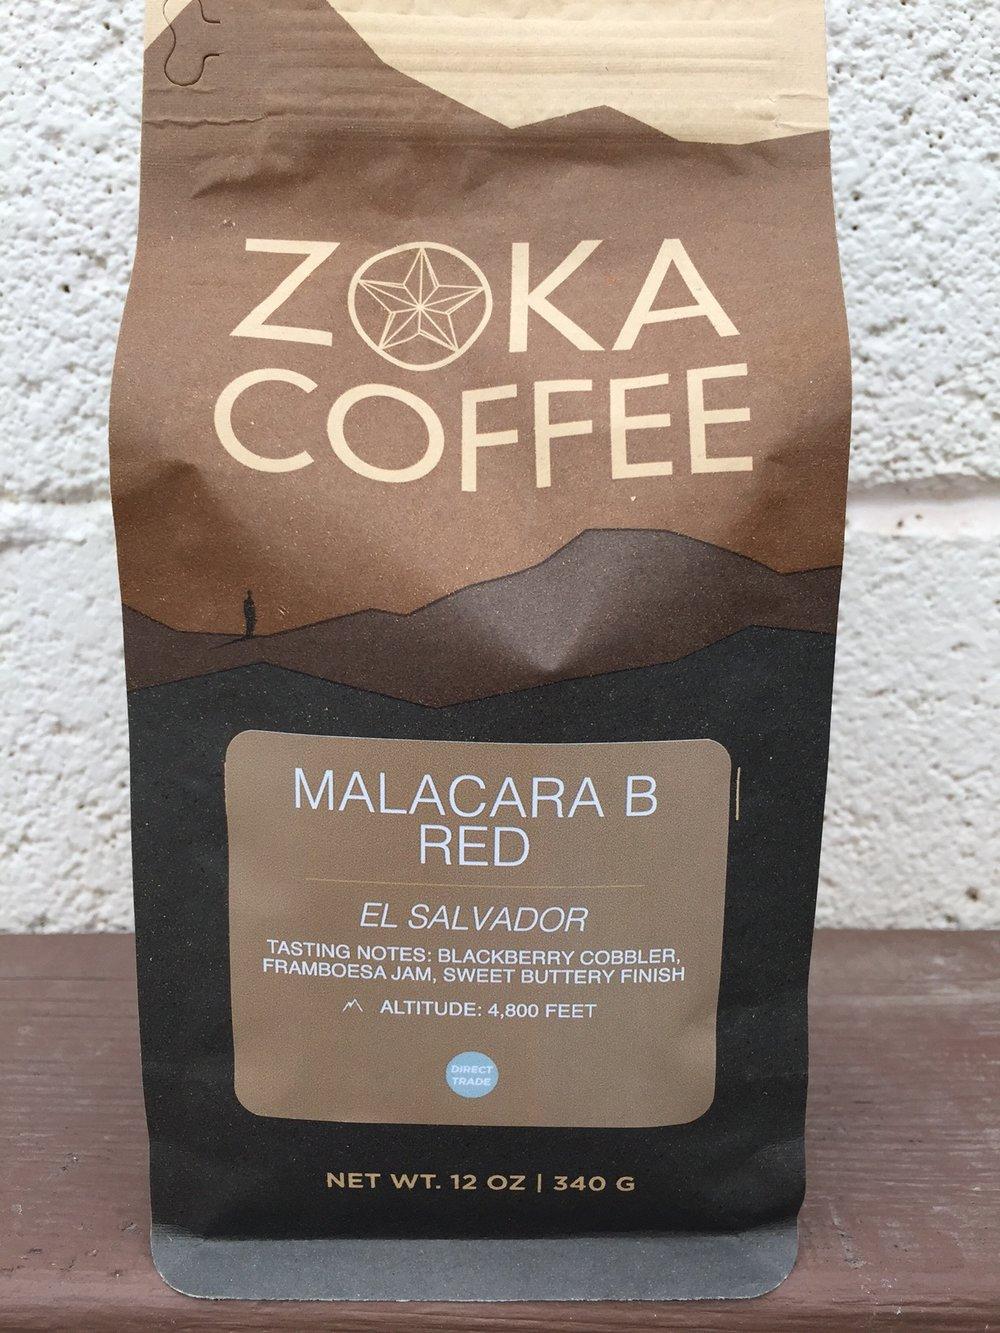 Zoka Coffee Malacara B El Salvador